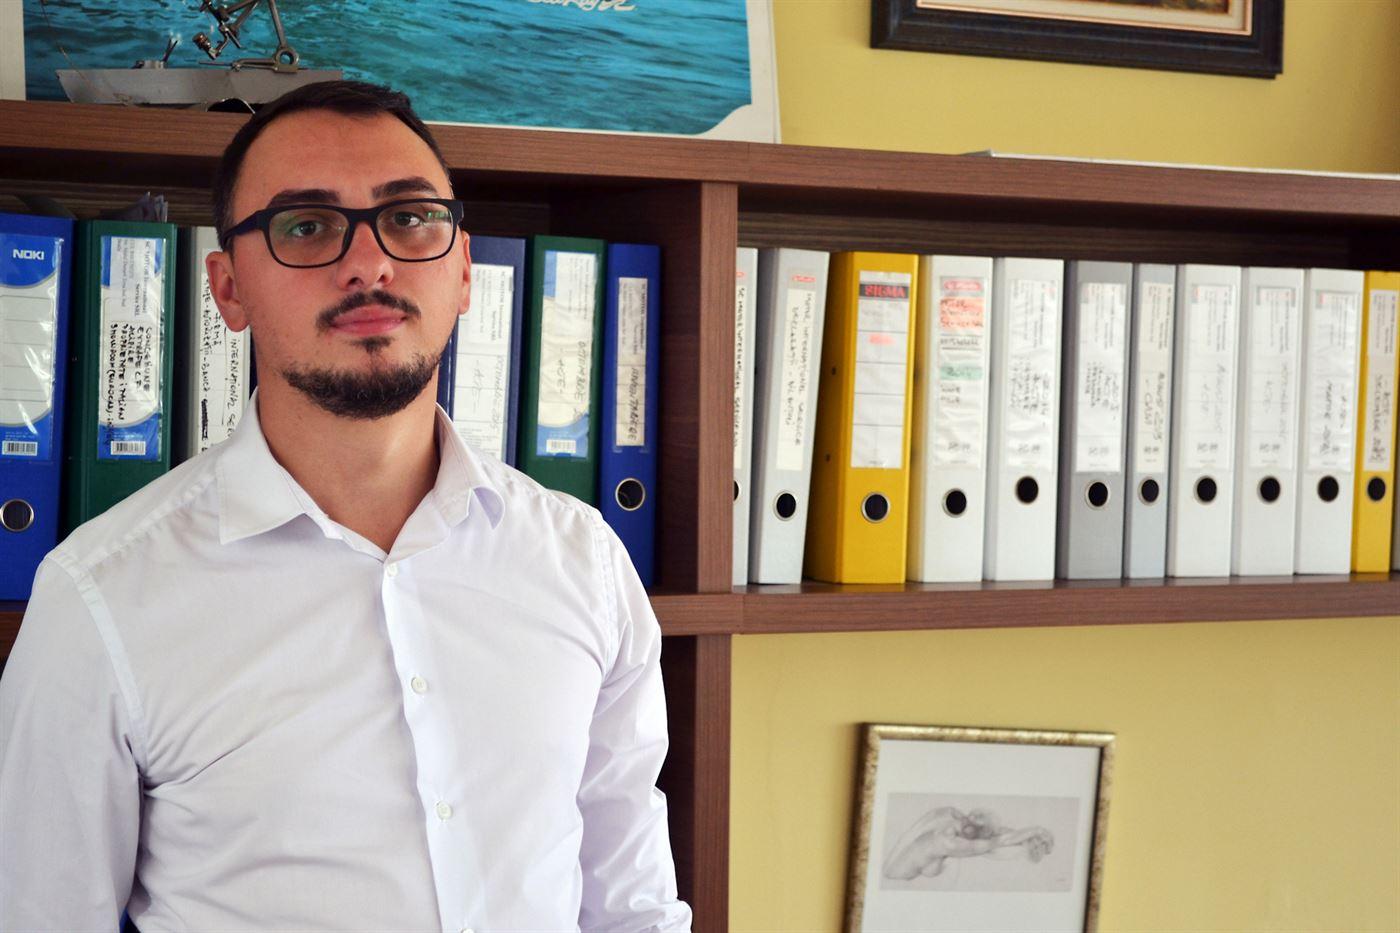 Cu un masterat în dezvoltare regională, tânărul Mihai Pascale e hotărât să transforme cartierele Brăilei